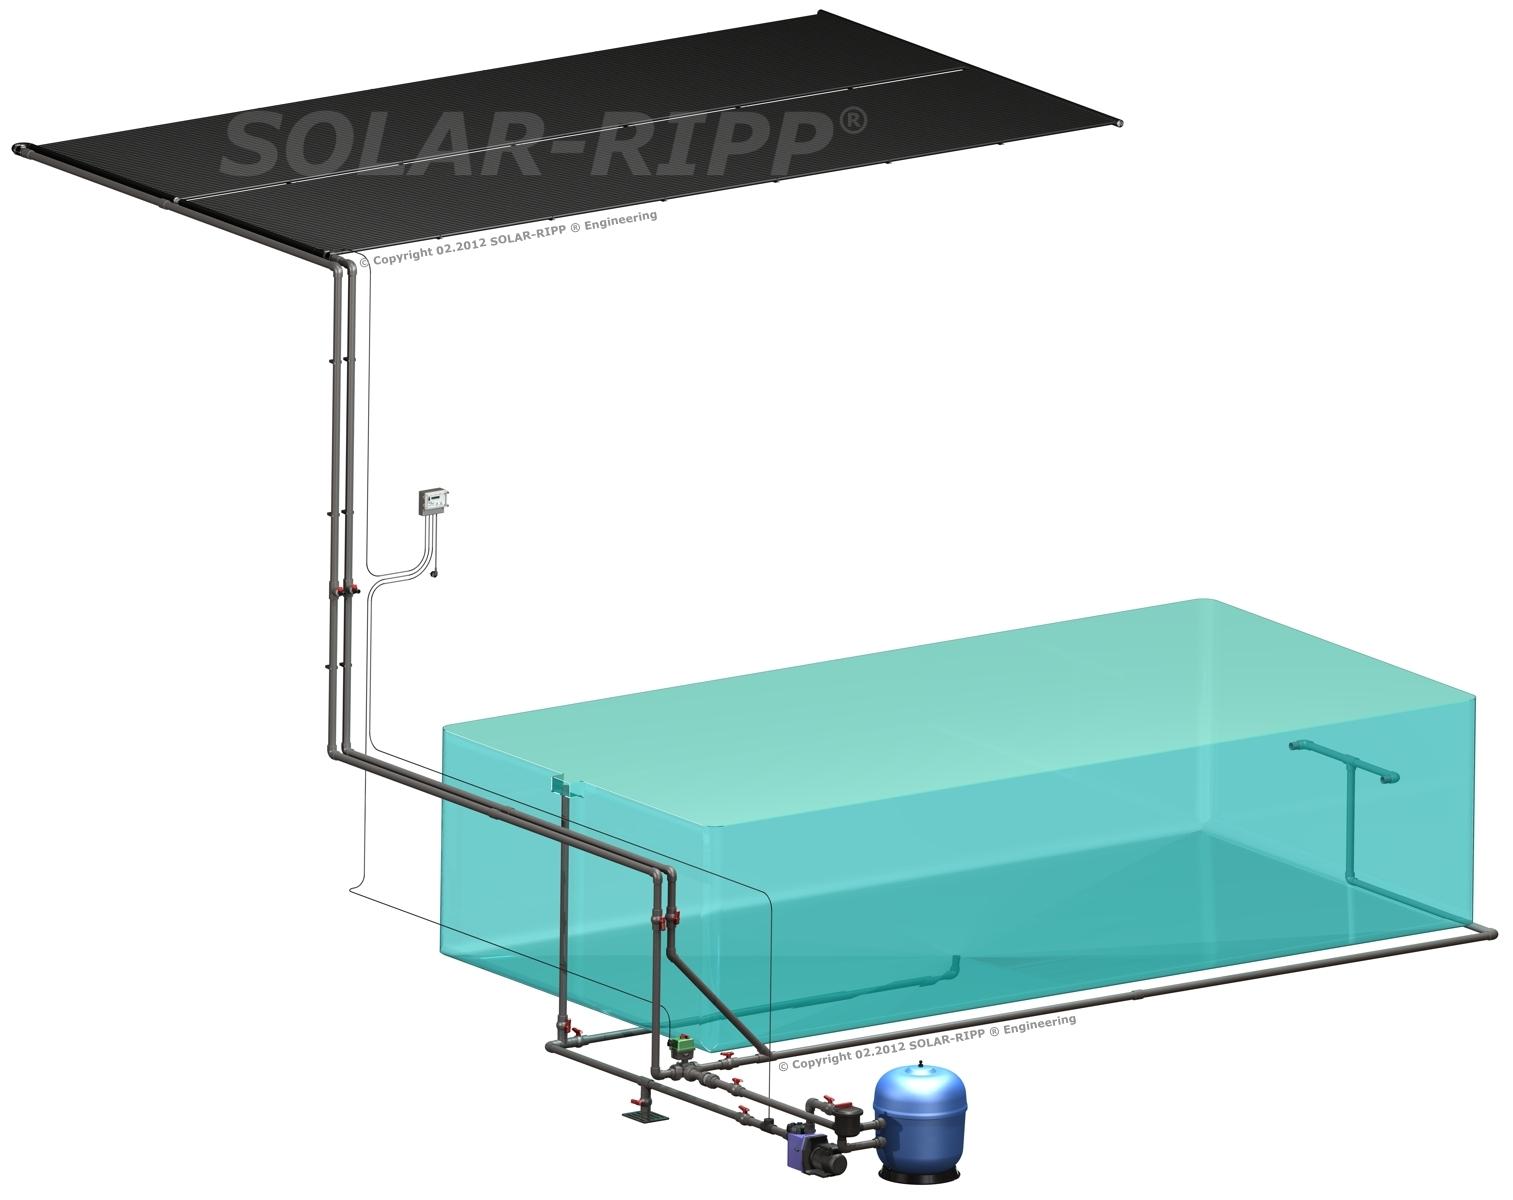 Calefacci n solar la energ a natural para climatizar tu for Piscina quintanar de la orden